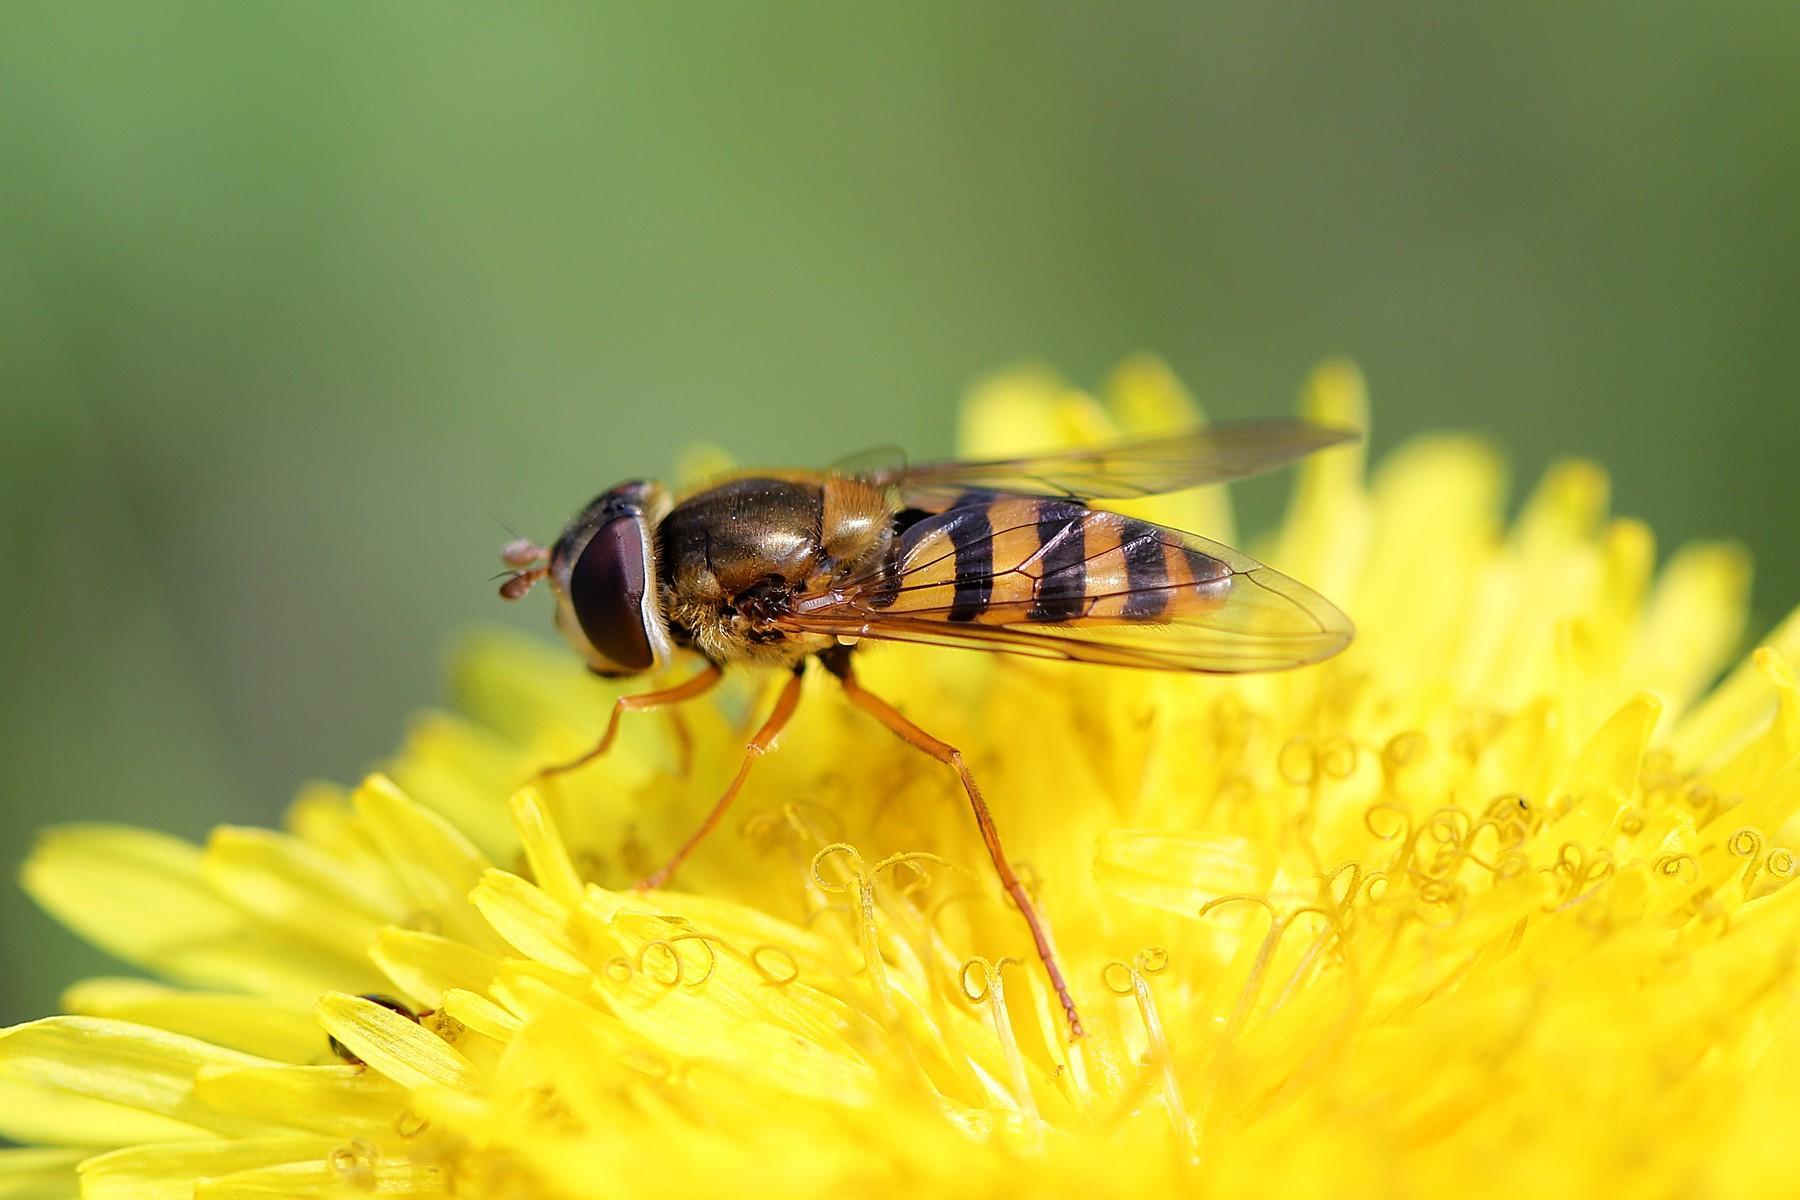 Это представители семейства журчалок, коих более 6000 разновидностей. Это полезное насекомое опылитель, что не несет вреда человеку и не кусается. Является хорошим опылителем, поедает тлю.